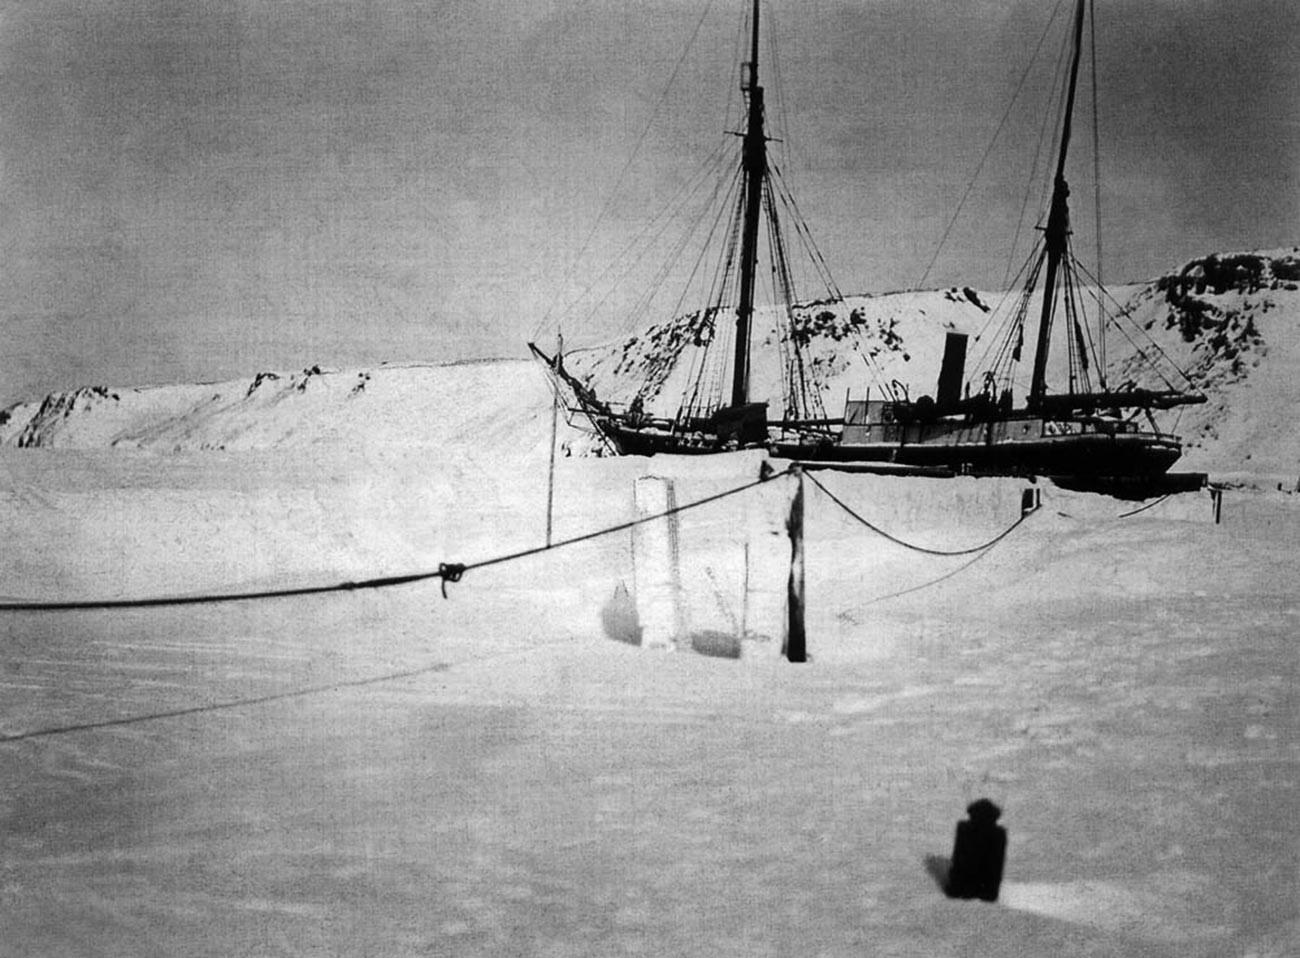 Hivernage du navire de Sedov près de l'archipel russe de la Nouvelle-Zemble